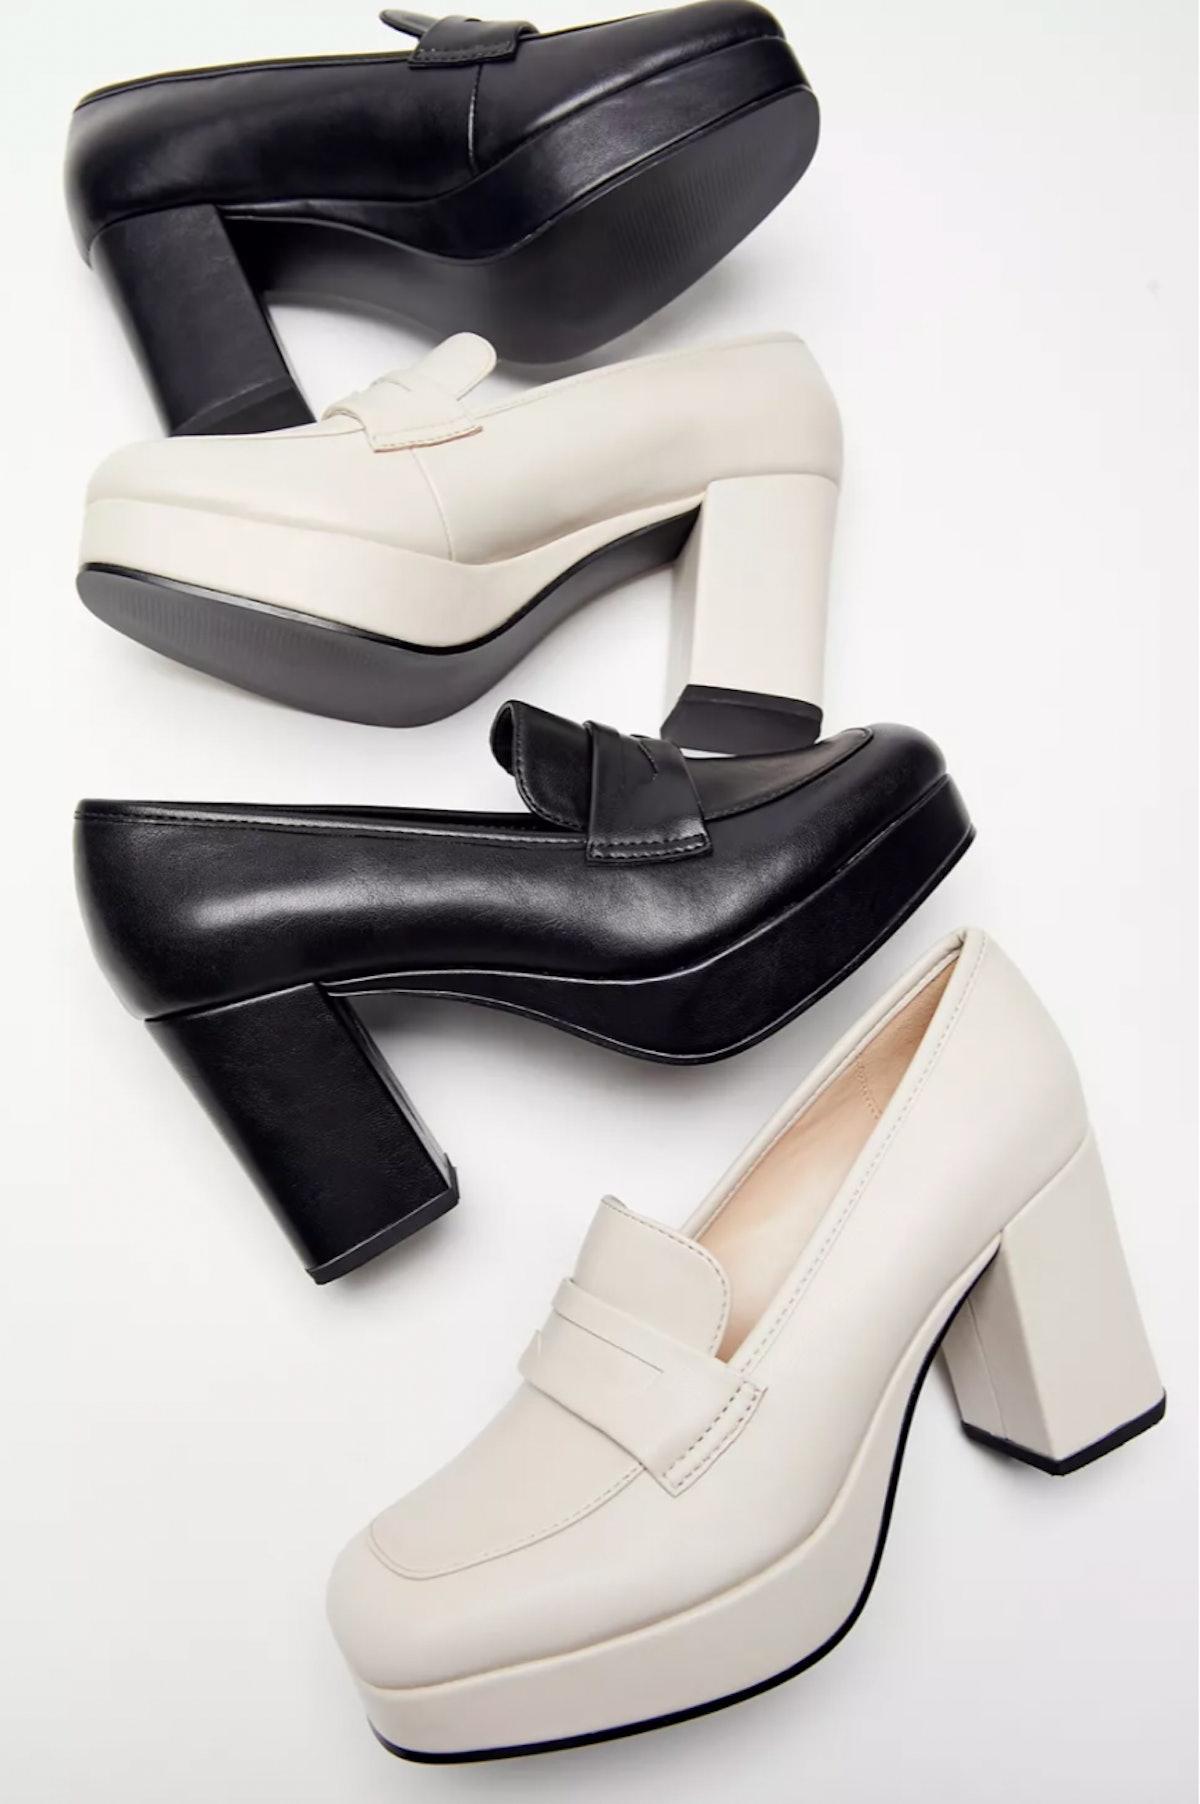 UO Femme Heeled Loafer